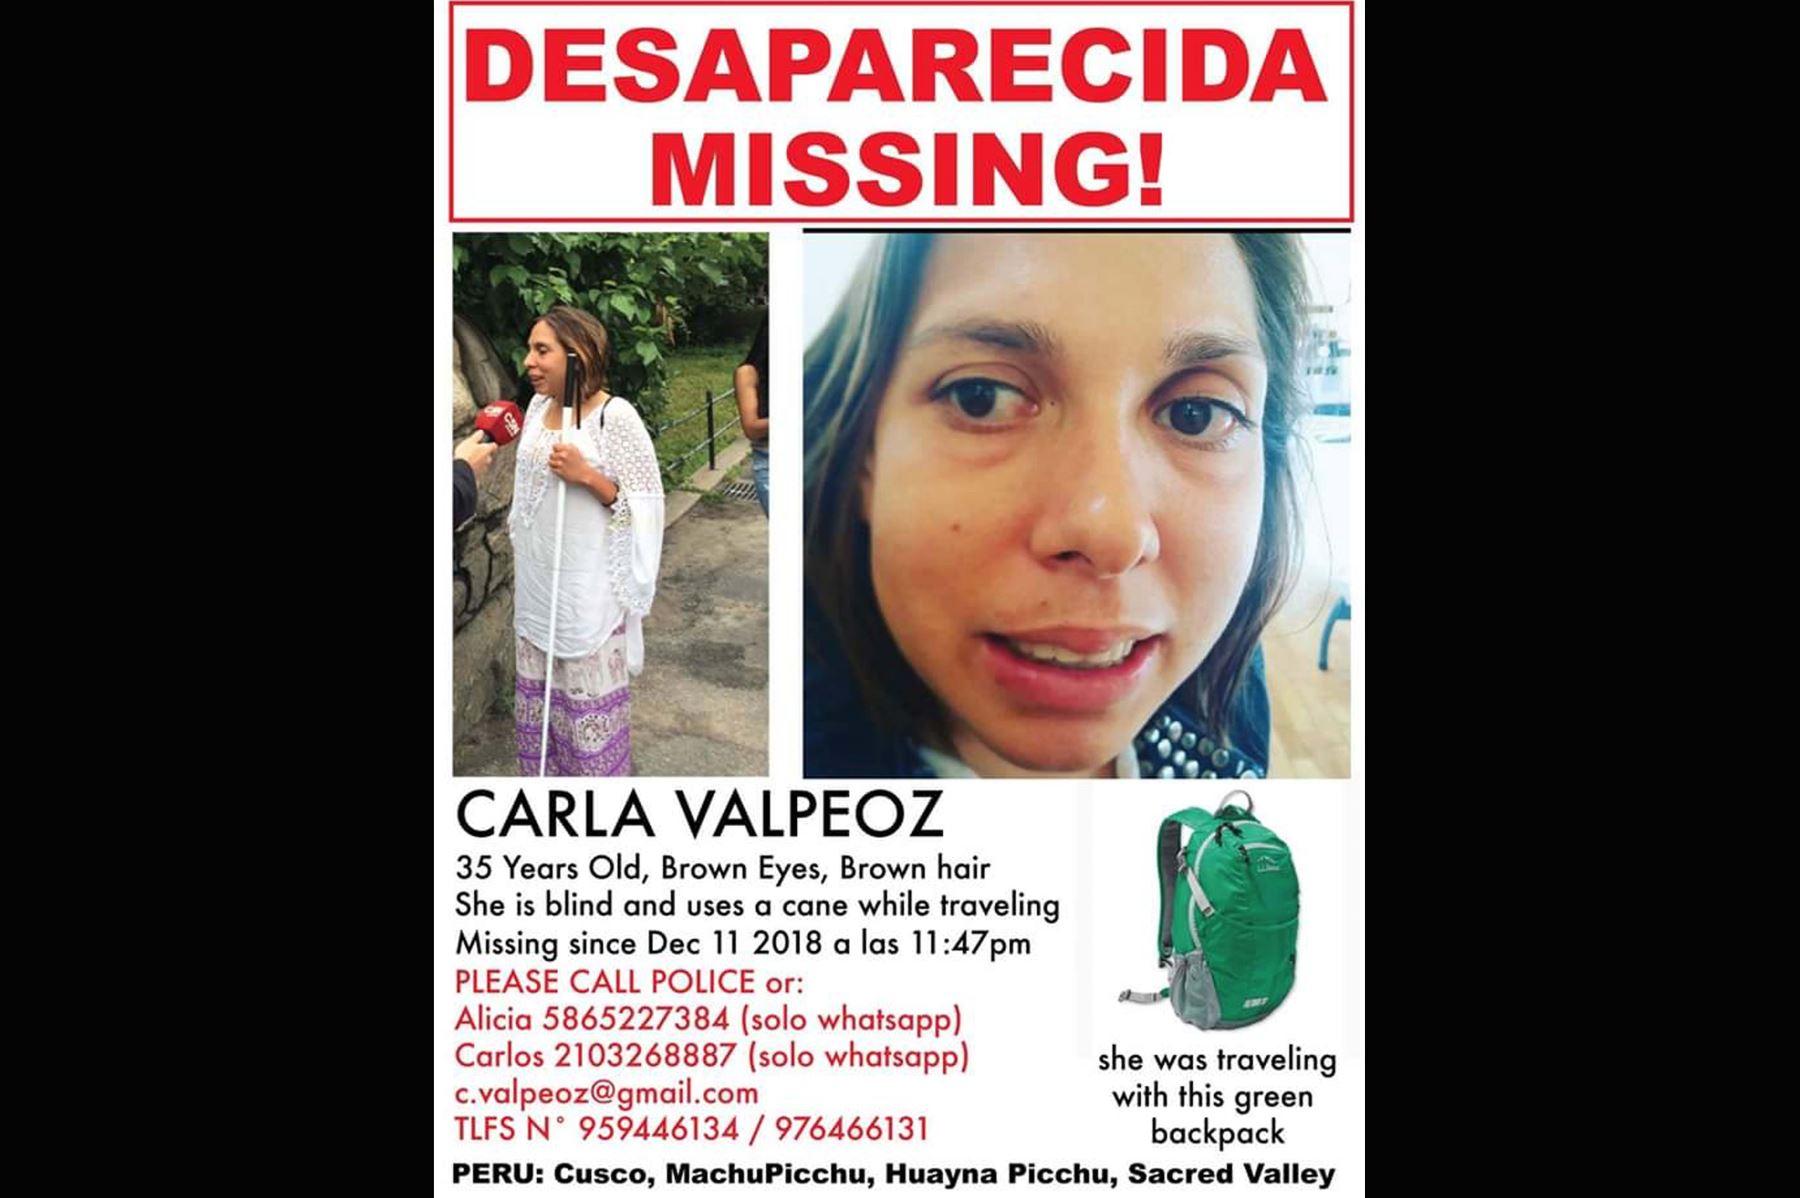 Policía busca a la turista estadounidense Carla Valpeoz (35), reportada desaparecida en la región Cusco. ANDINA/Difusión